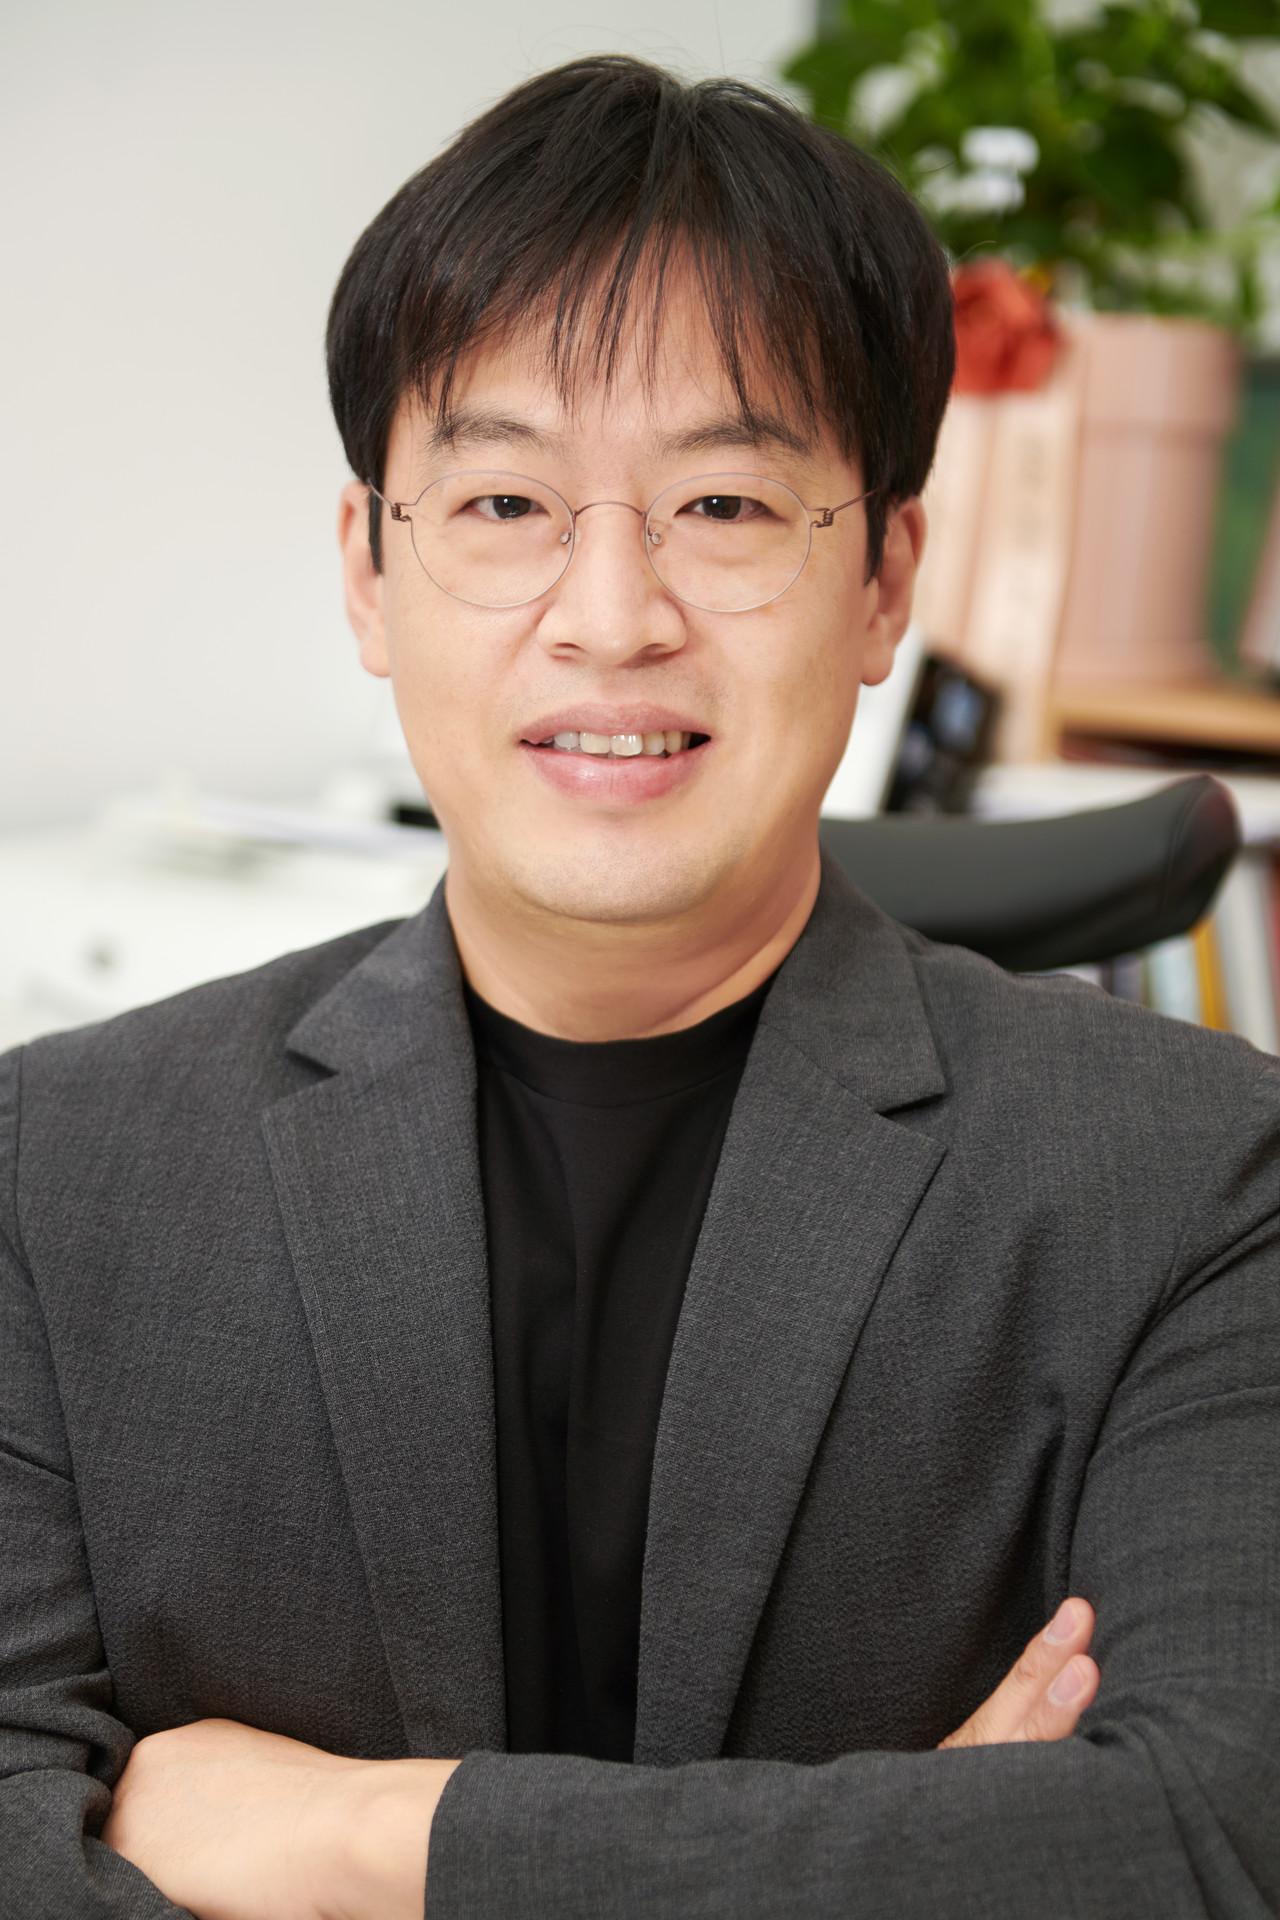 송대섭 교수 (고려대학교)